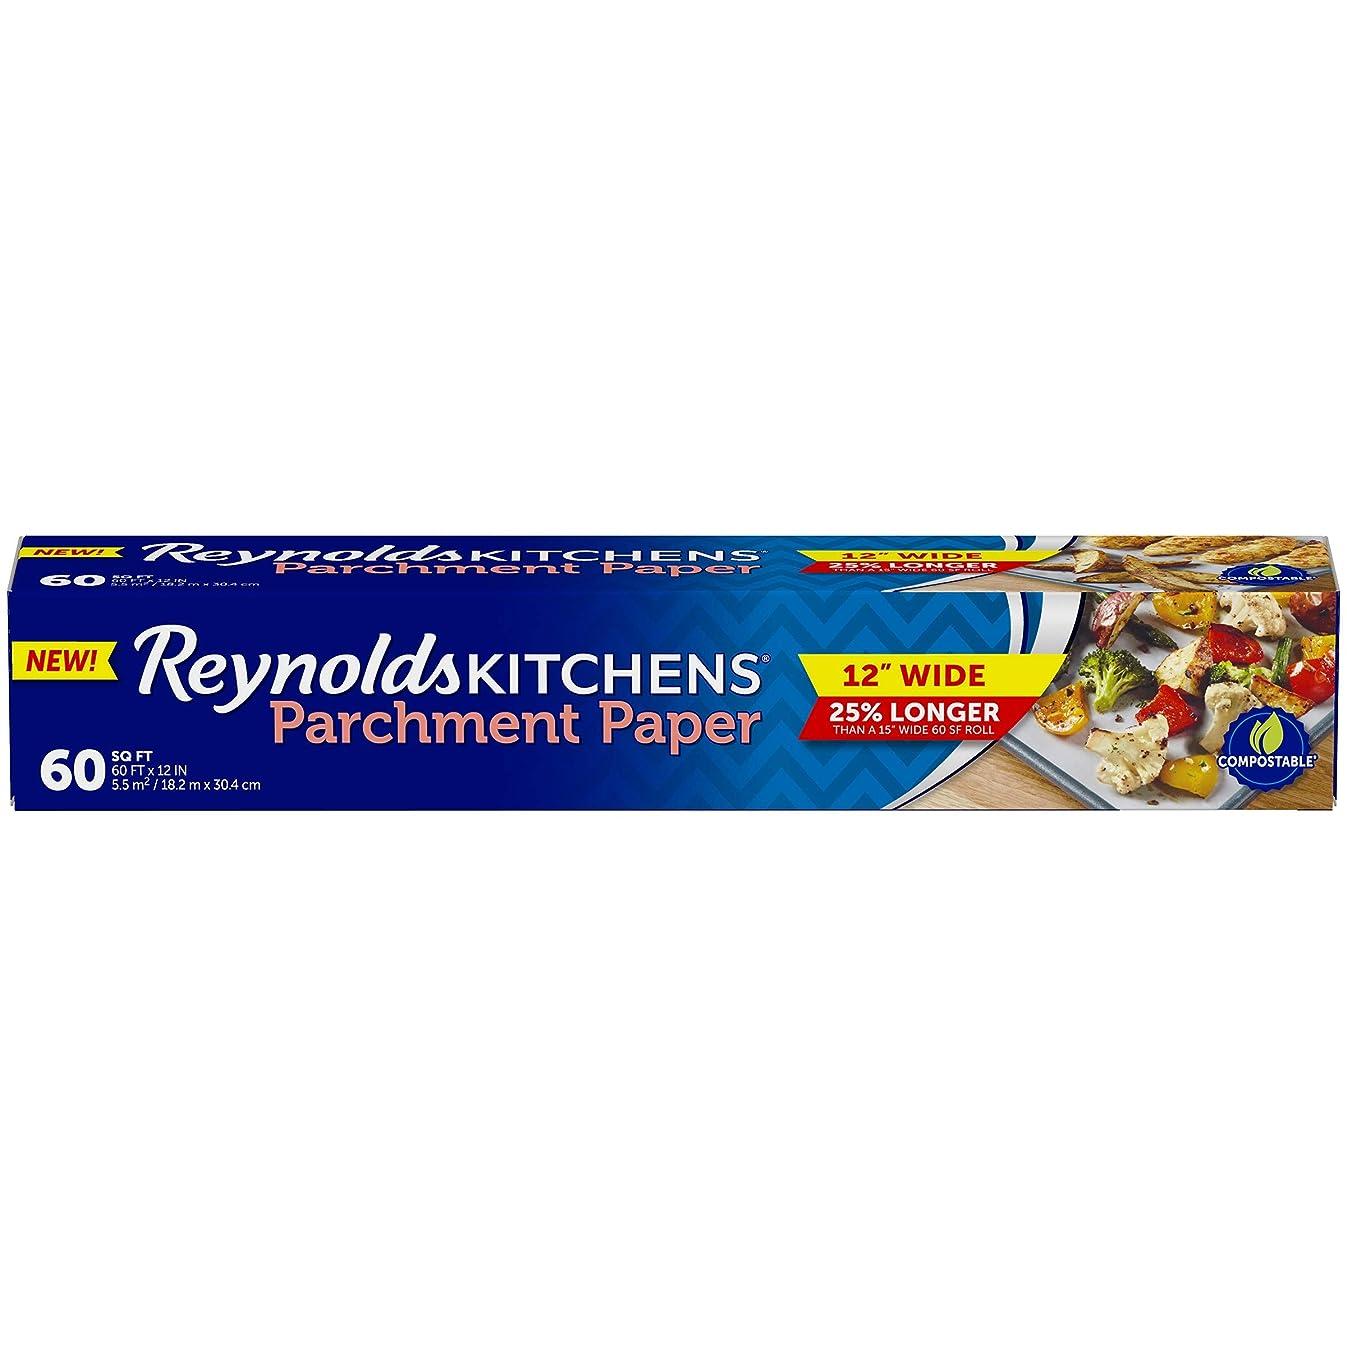 Reynolds Kitchens Non-Stick Parchment Paper - 60 Square'